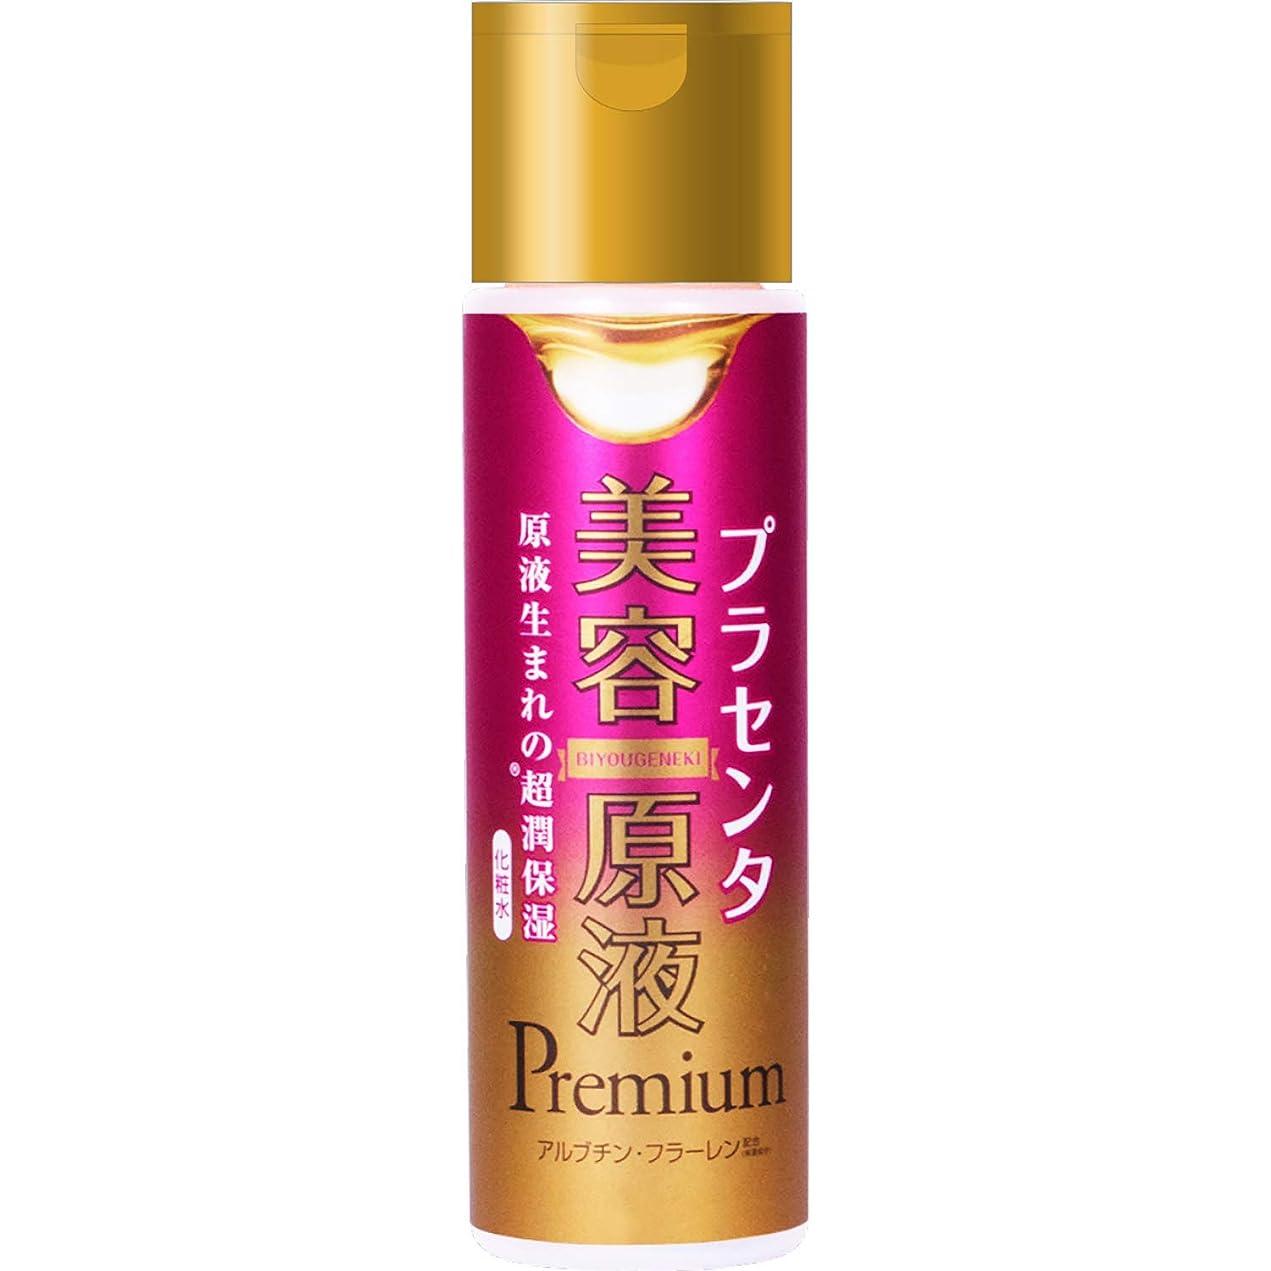 カバージョージエリオット考慮美容原液 超潤化粧水 アルブチン&プラセンタ 185mL (化粧水 くすみケア 高保湿)